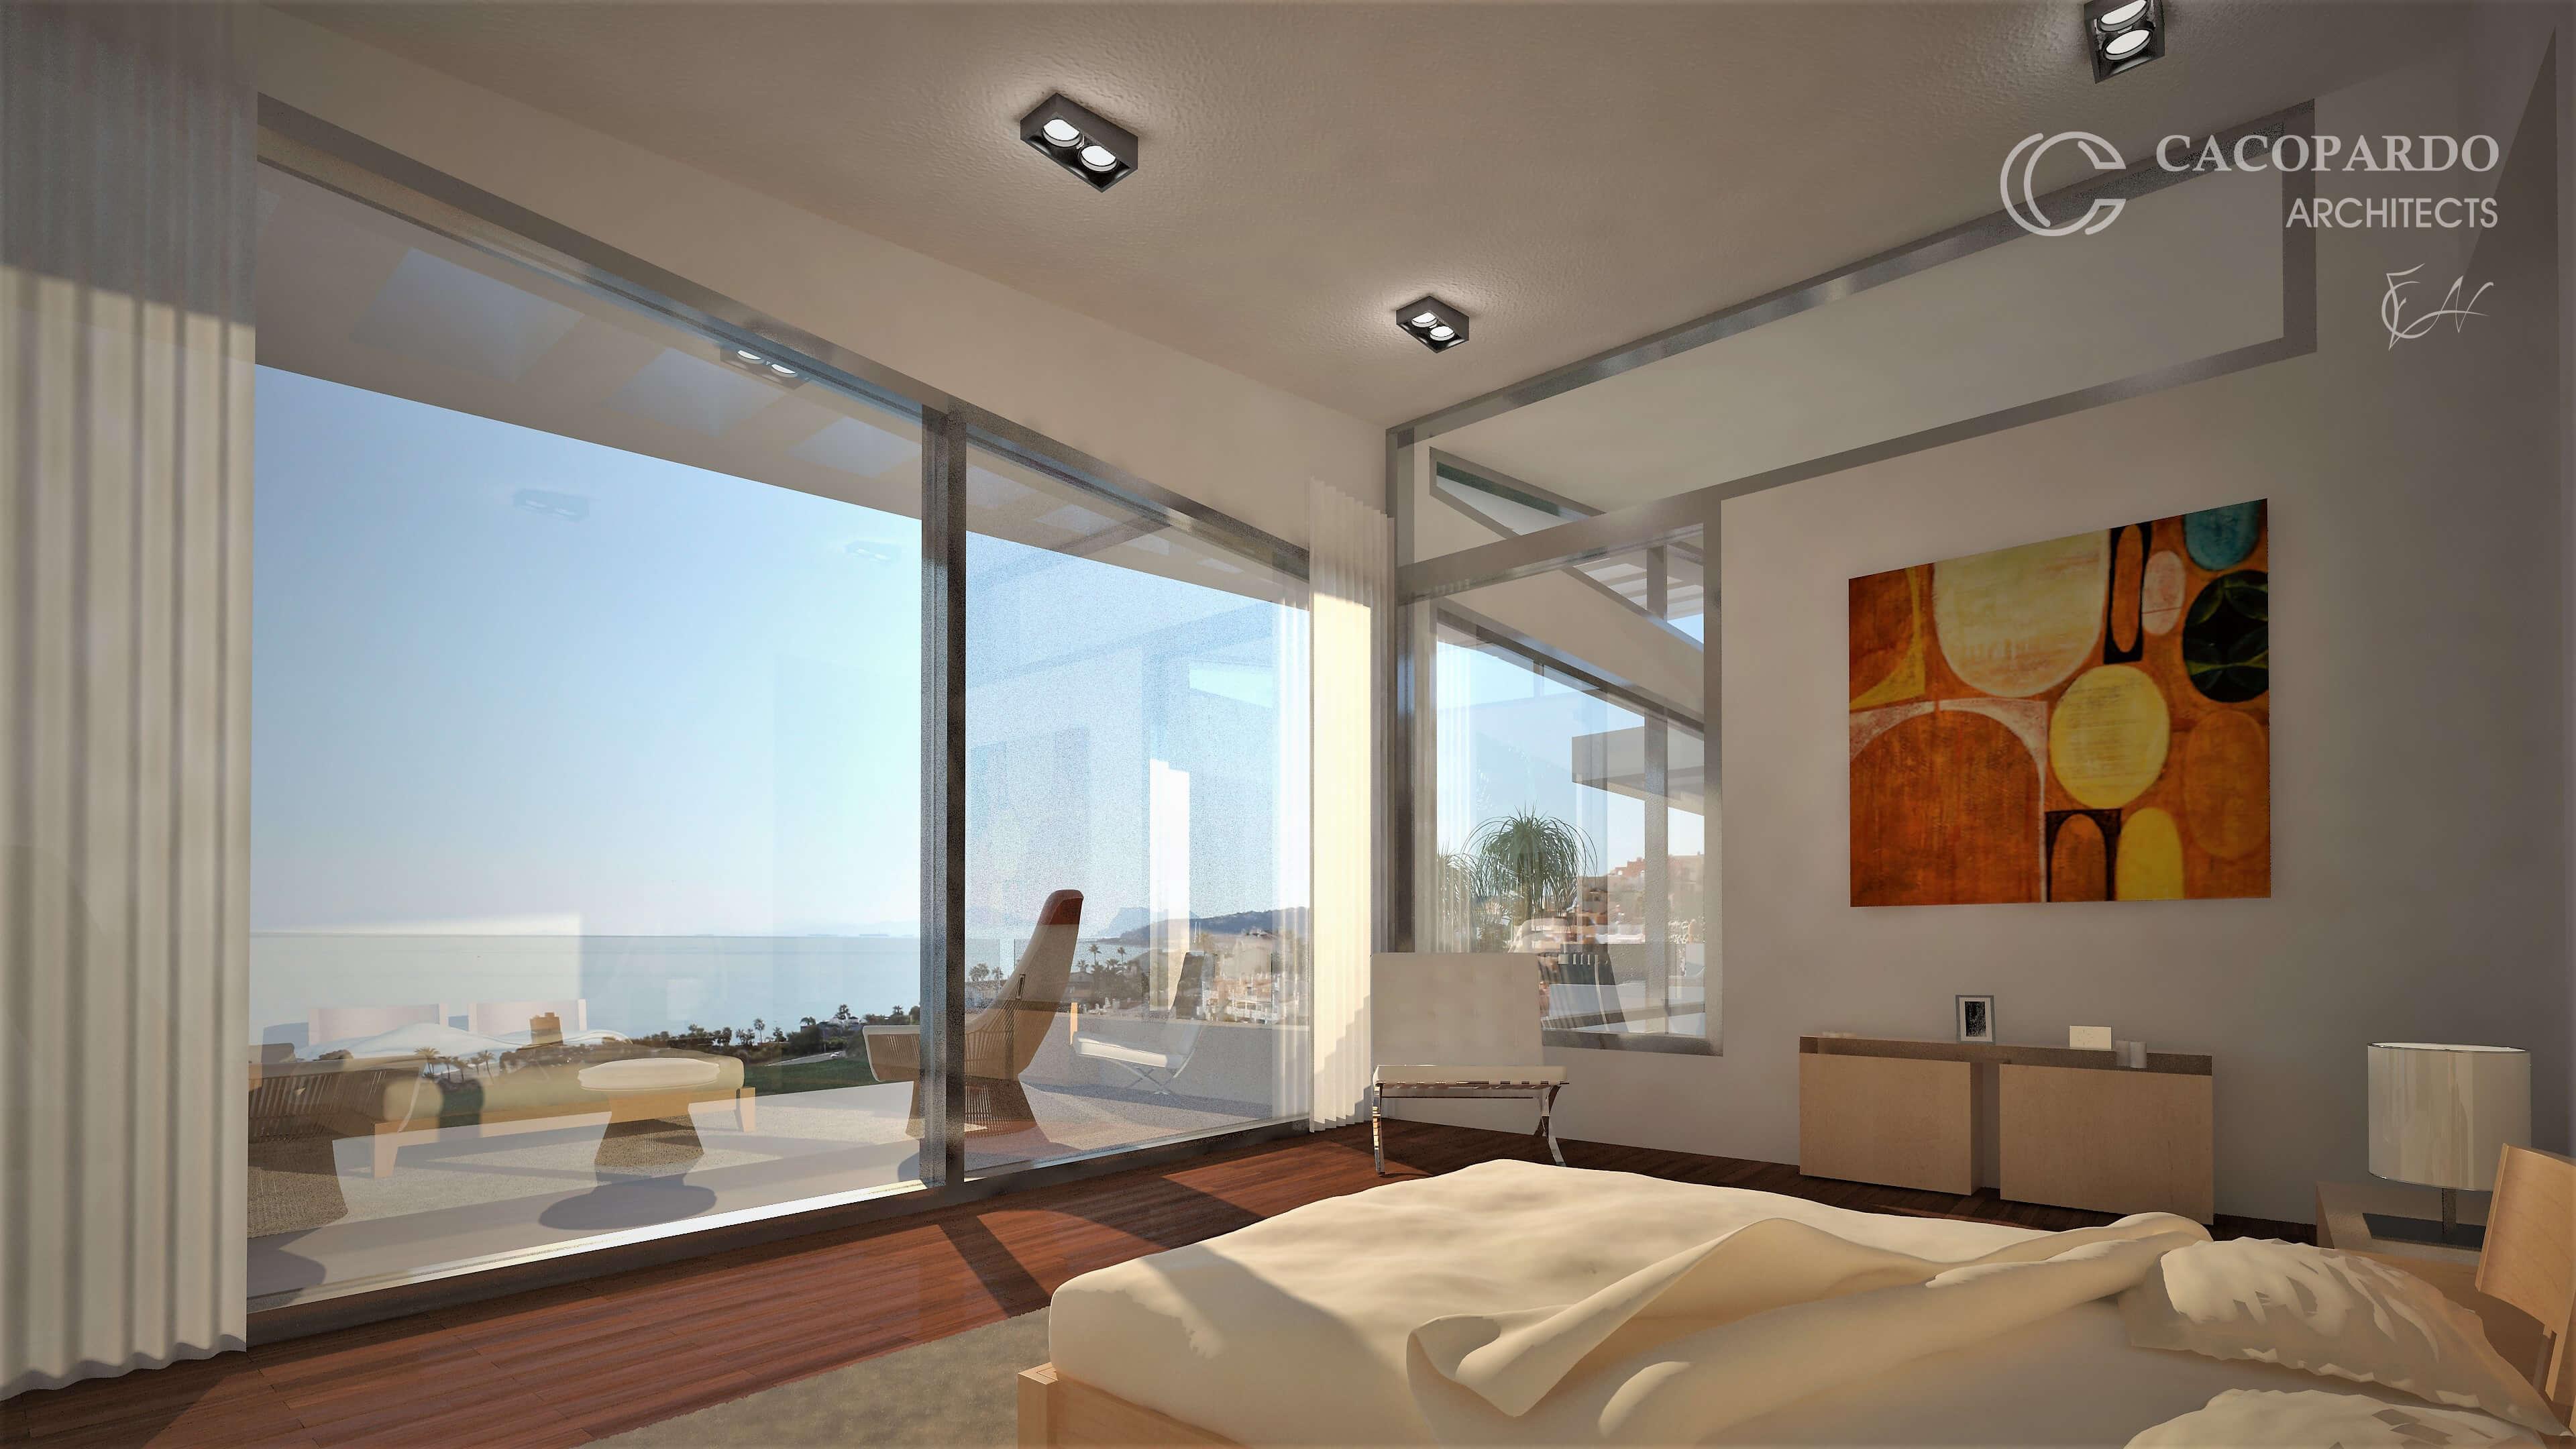 Dormitorio y terraza-Infinitum House- Costa del Sol